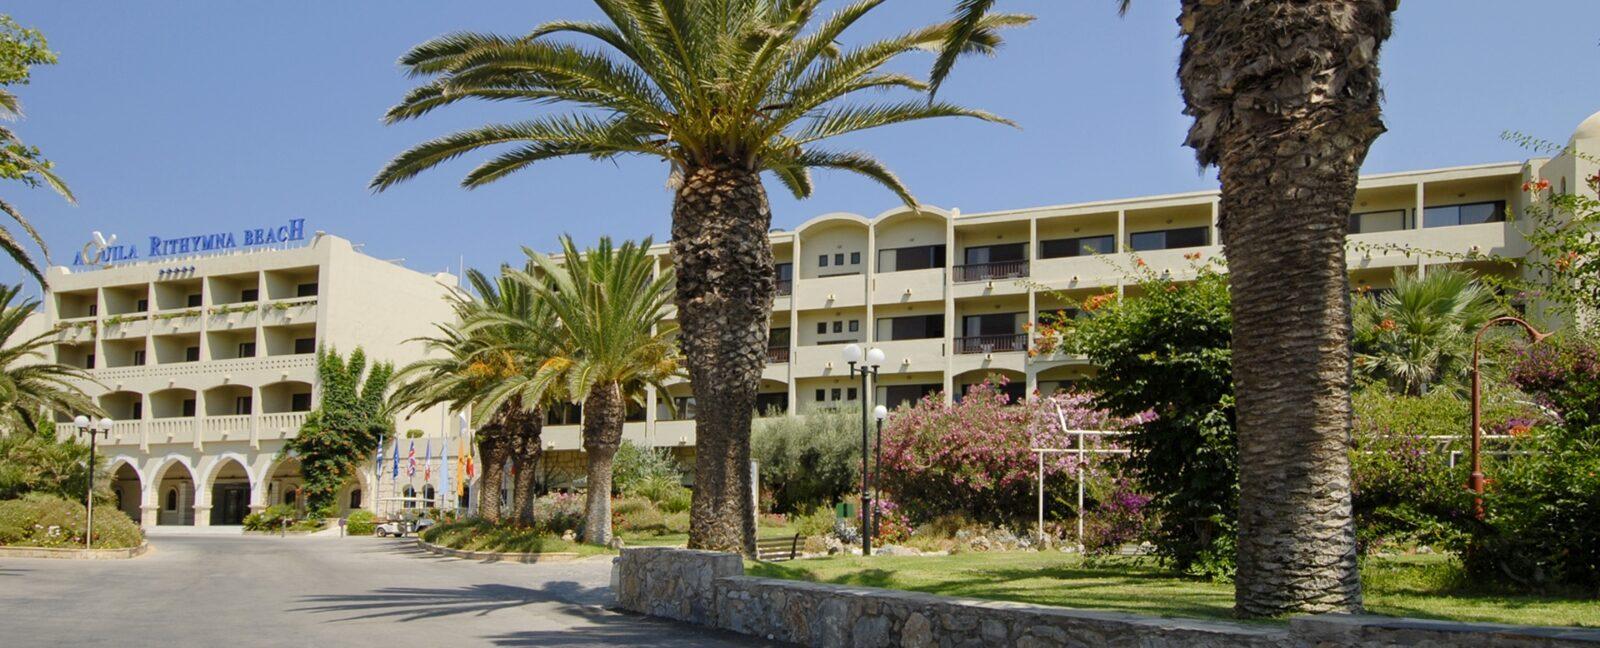 Supertrips - Kindvriendelijk 5-sterren hotel in Griekenland